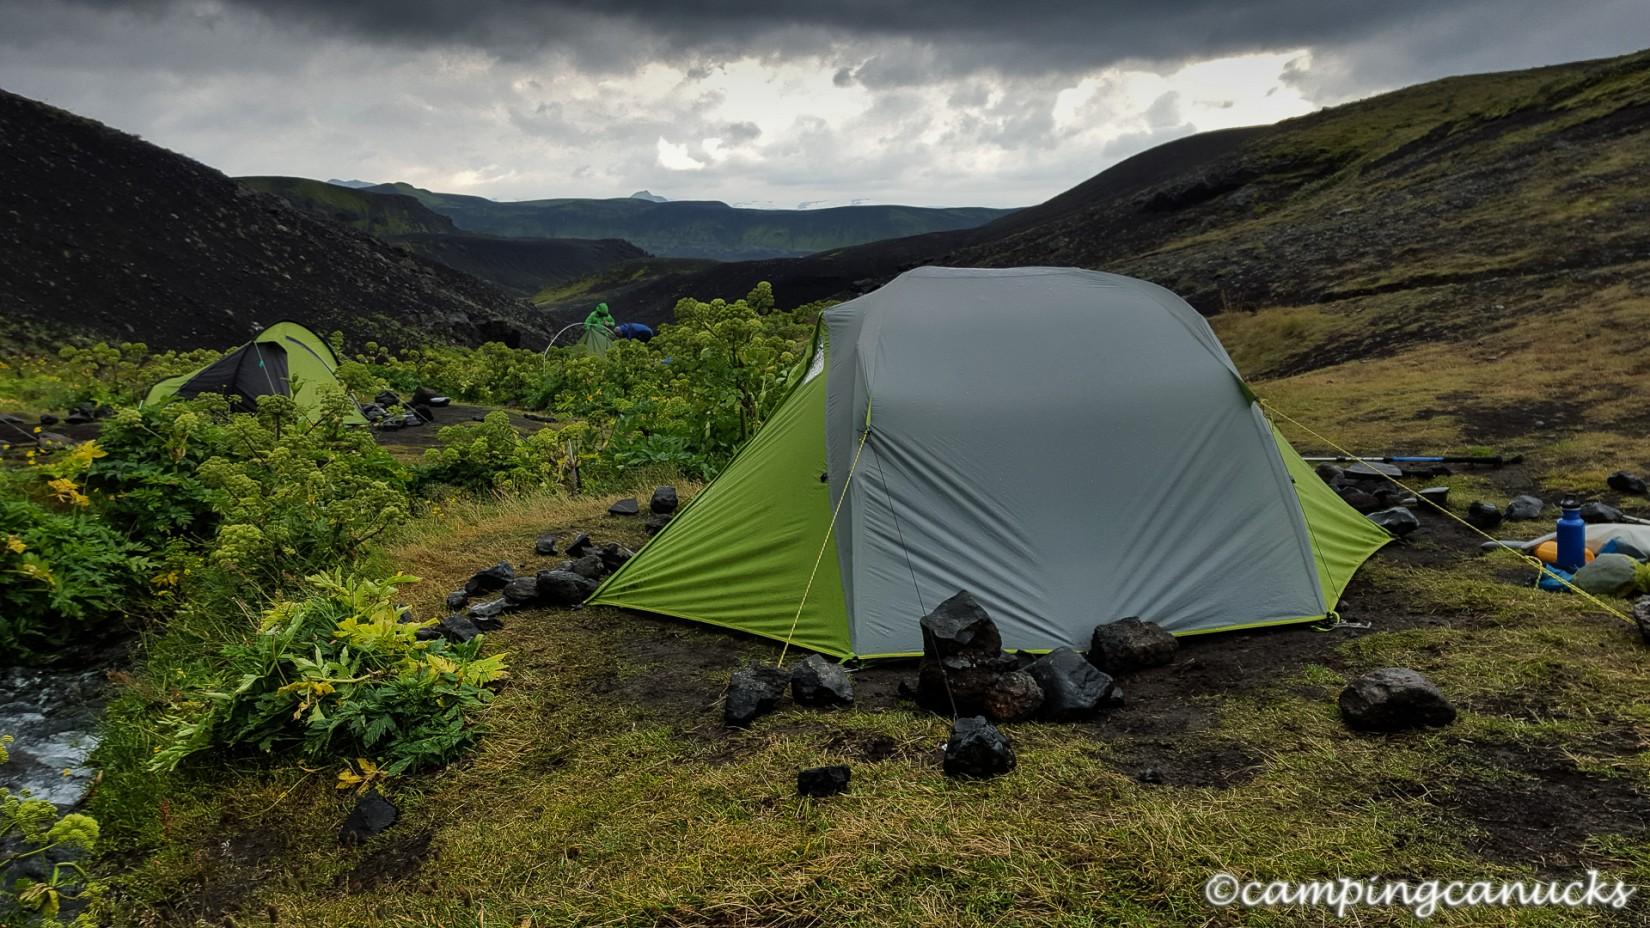 Camp at Emstrur/Botnar